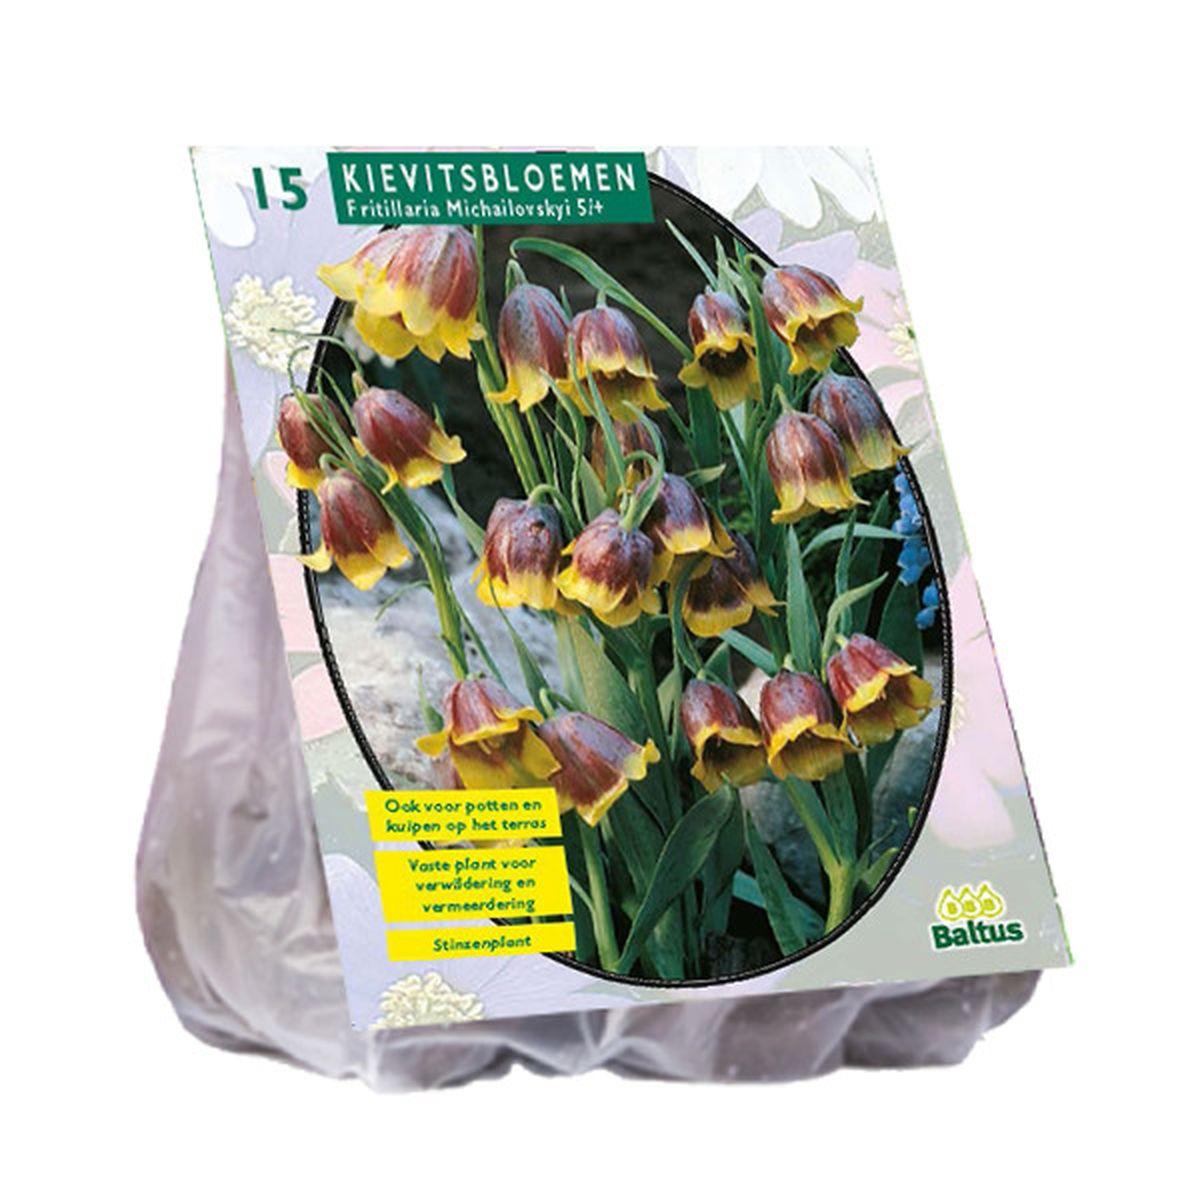 Fritillaria Michailovski